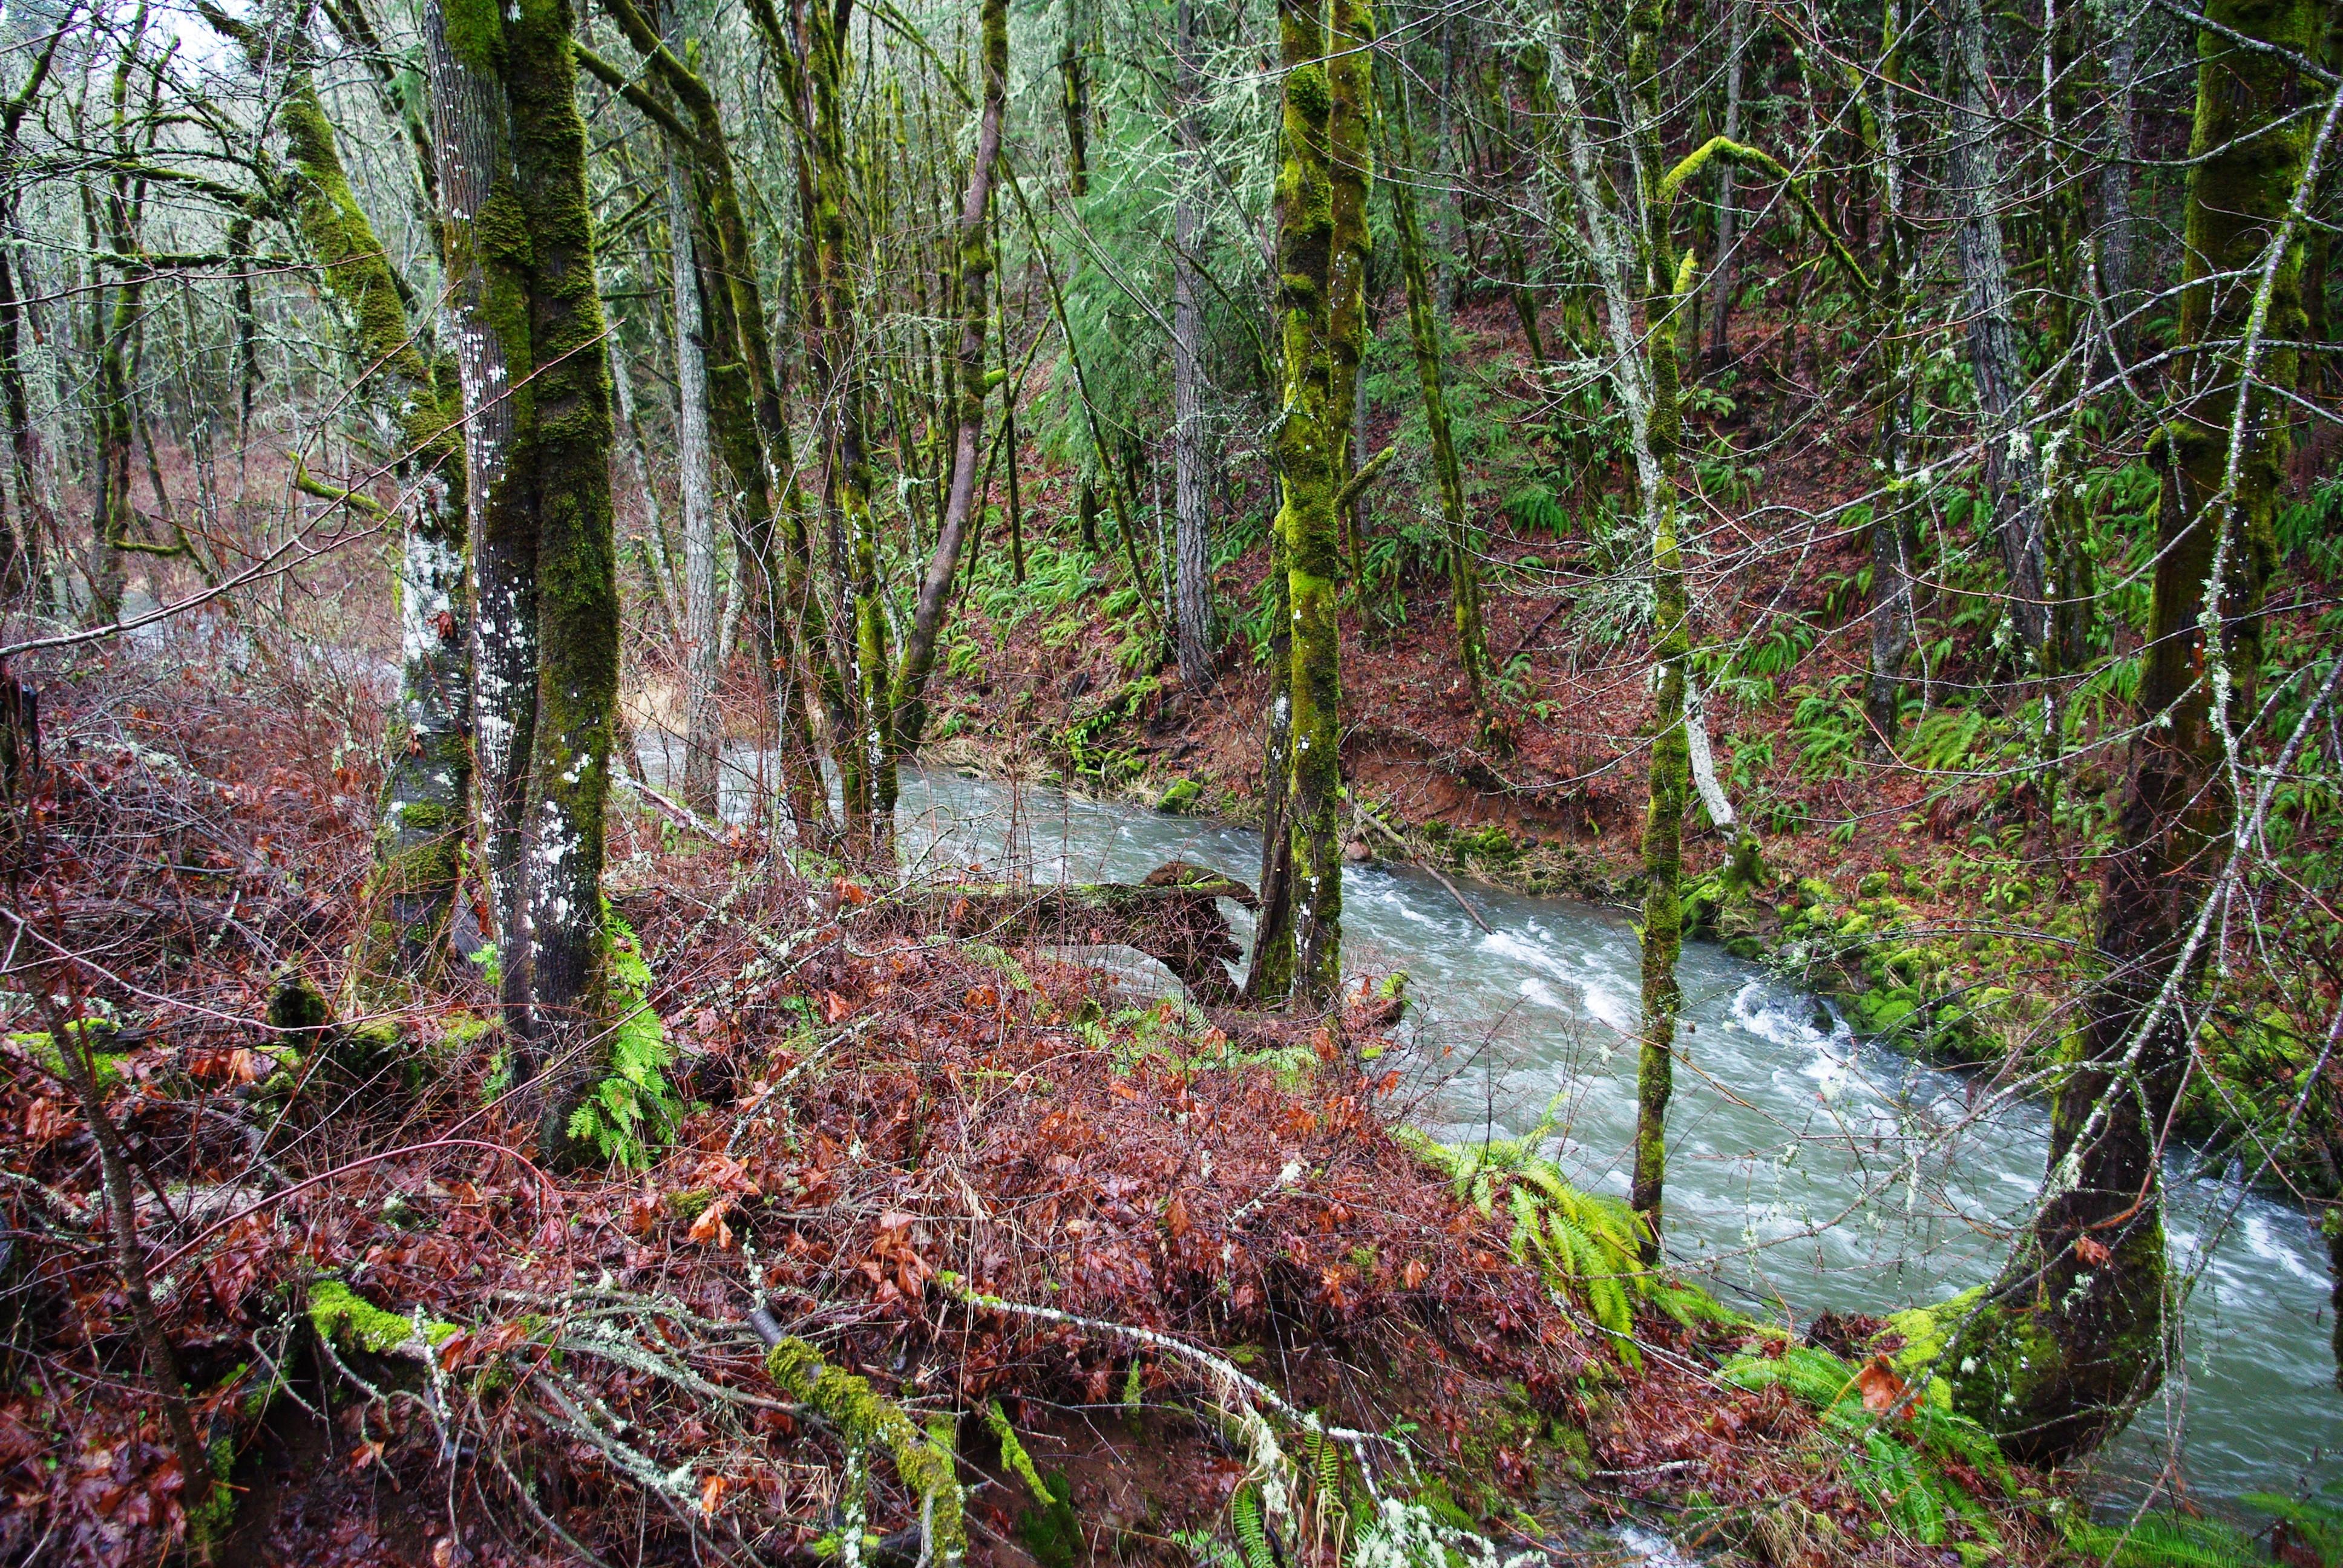 gales creek oregon map Gales Creek Oregon Wikipedia gales creek oregon map